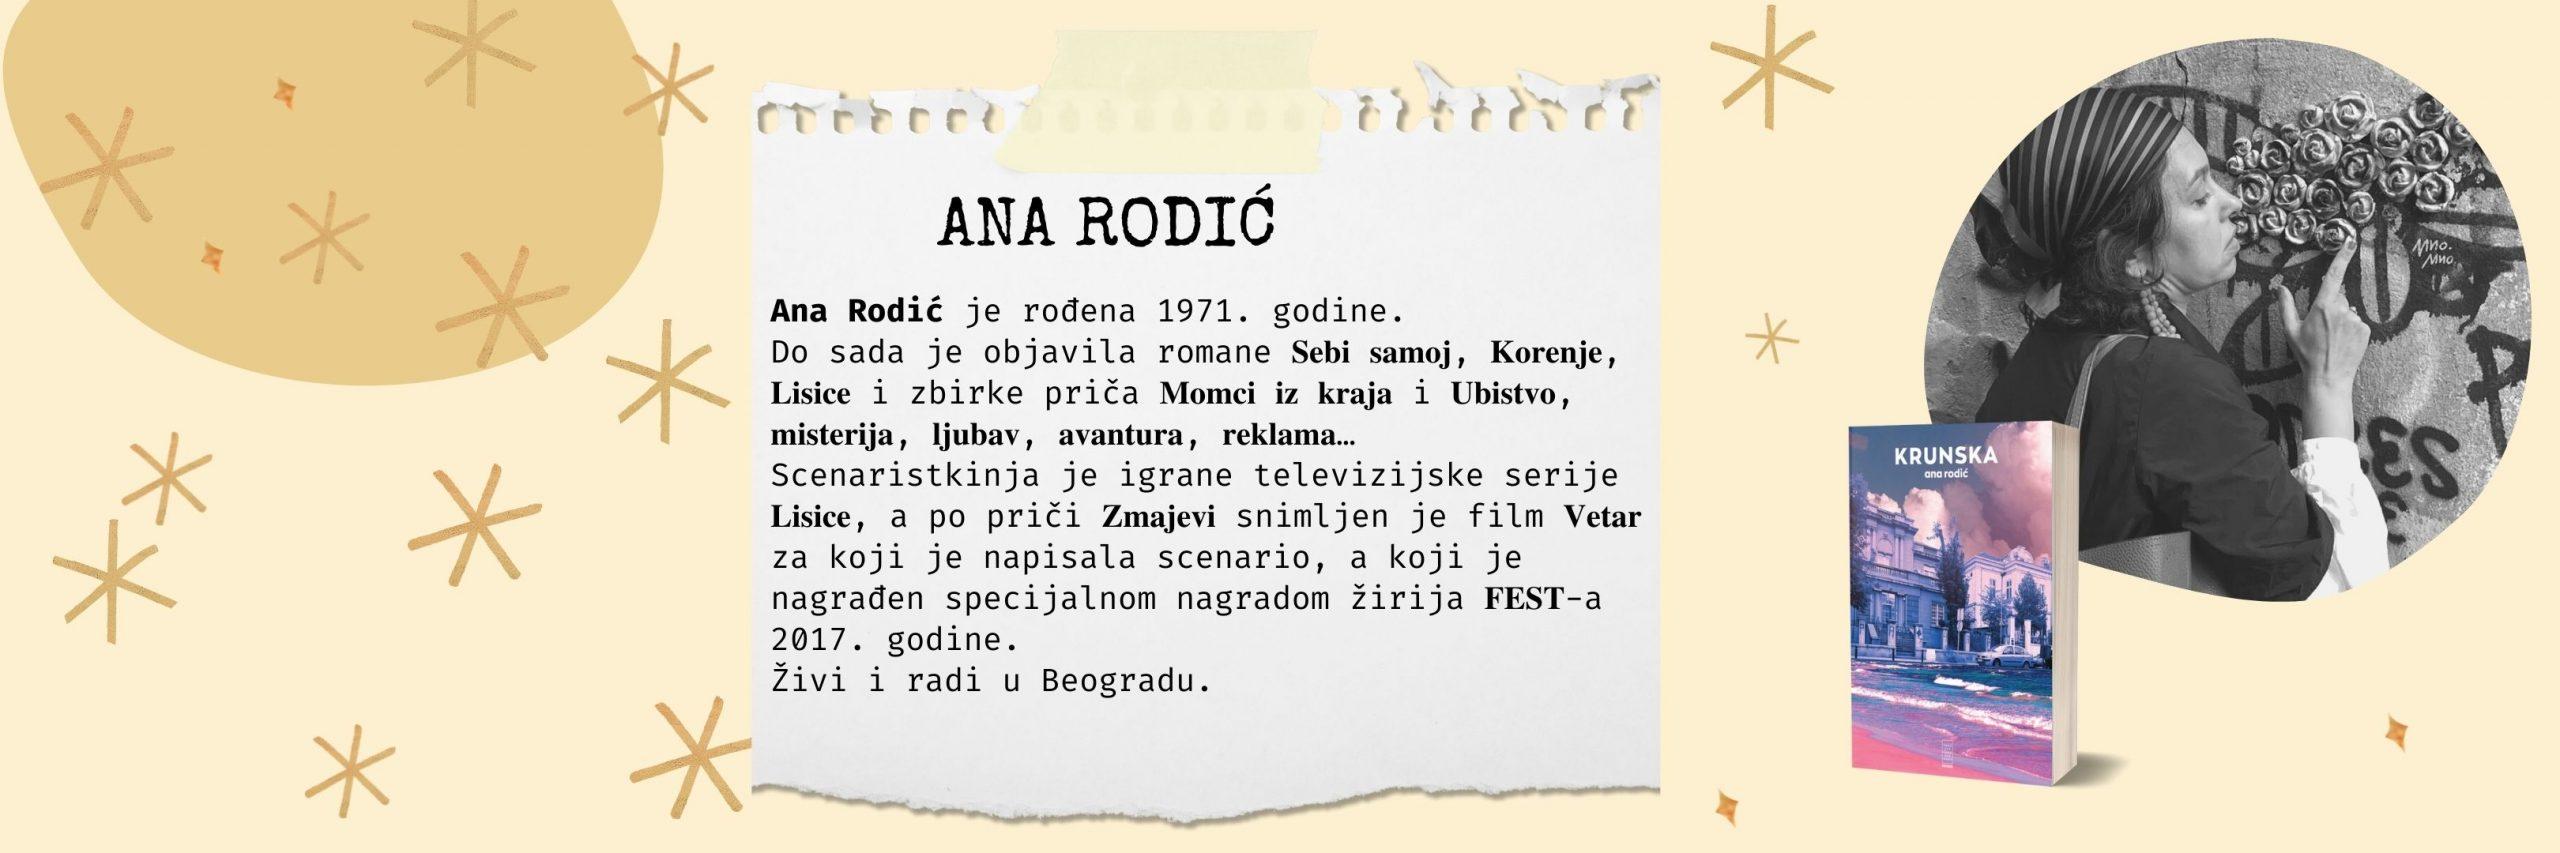 Ana Rodić